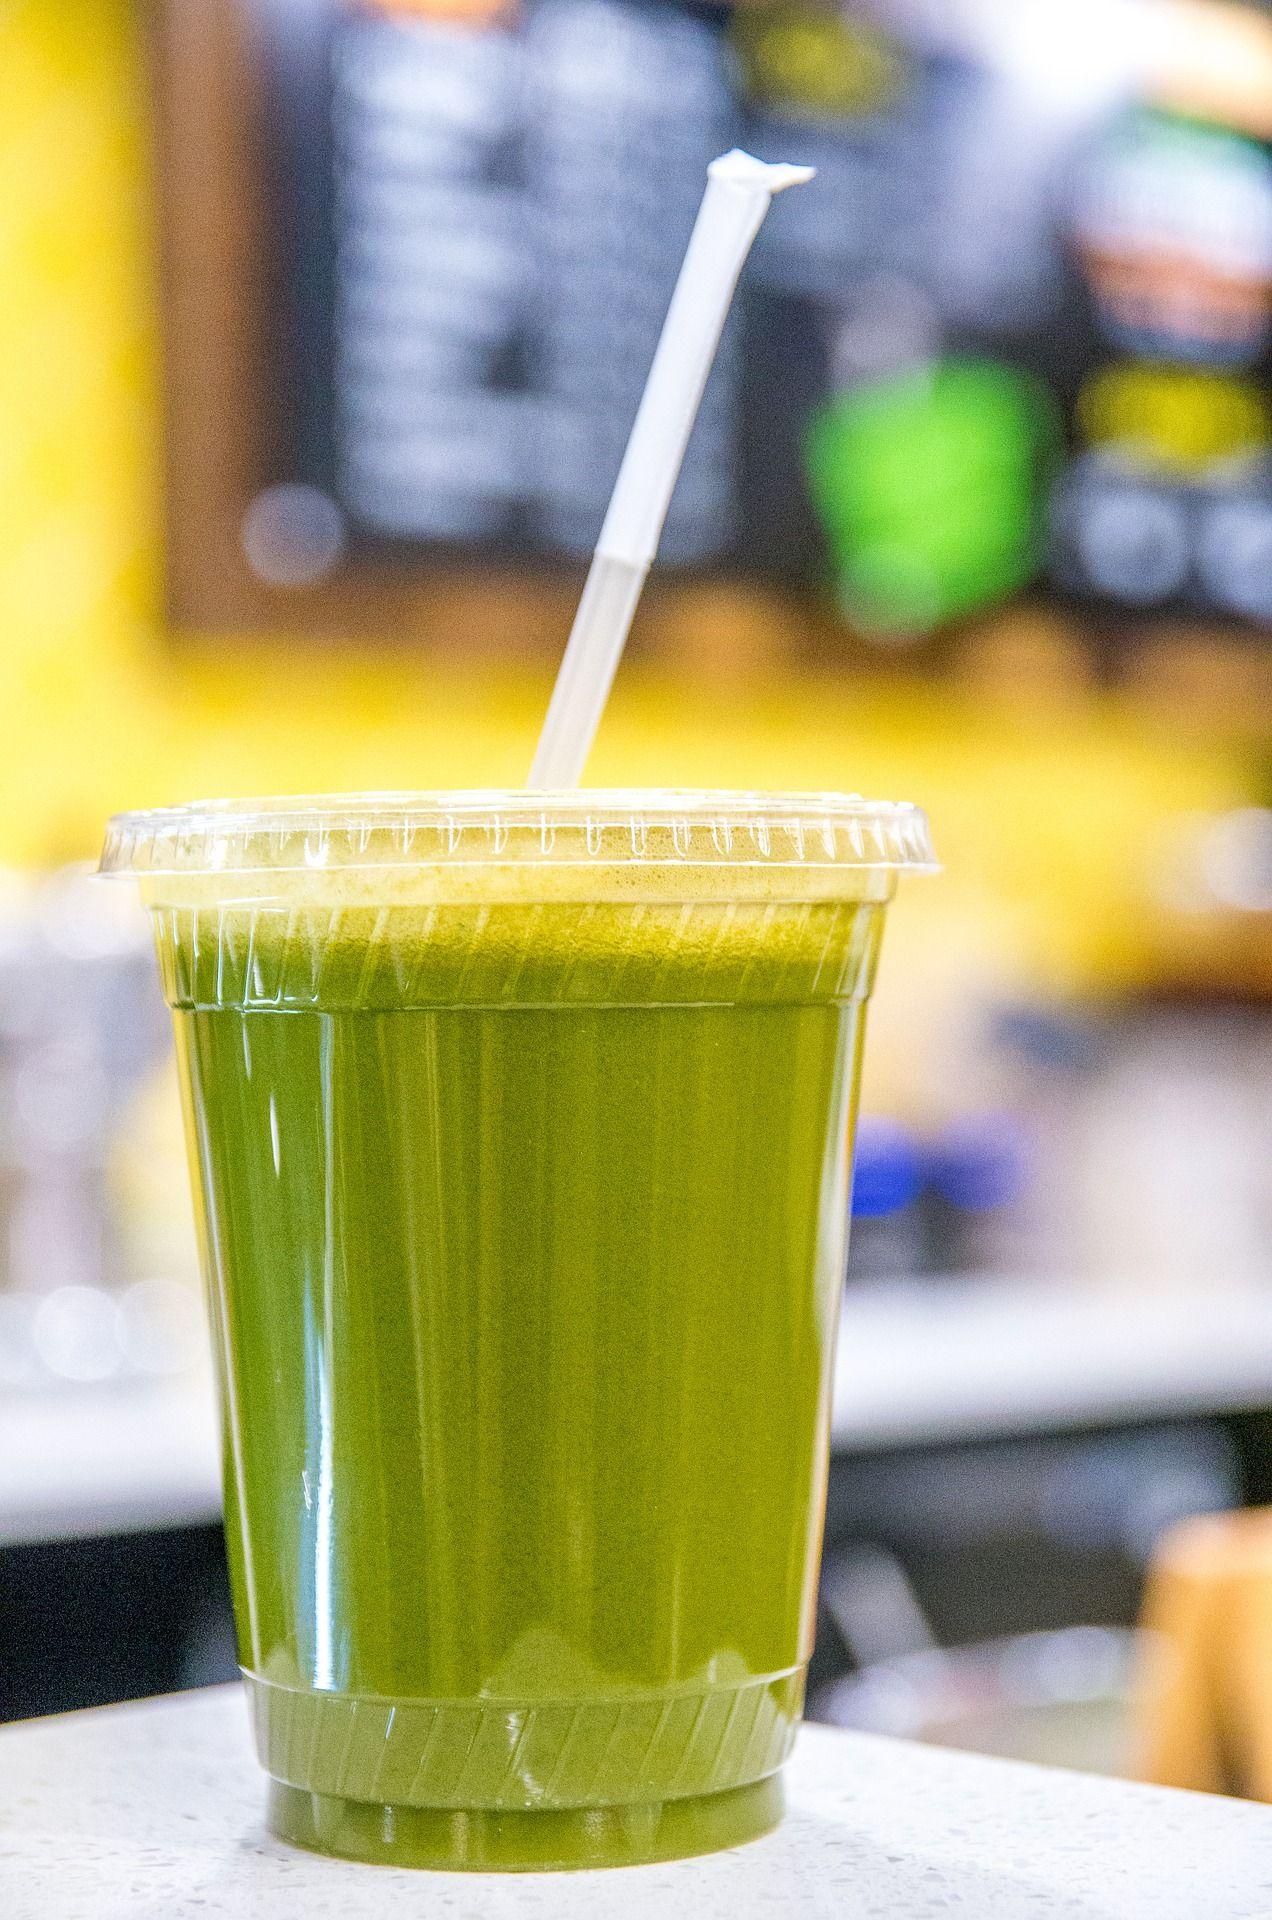 Zelený nápoj v priesvitnom pohári so slamkou